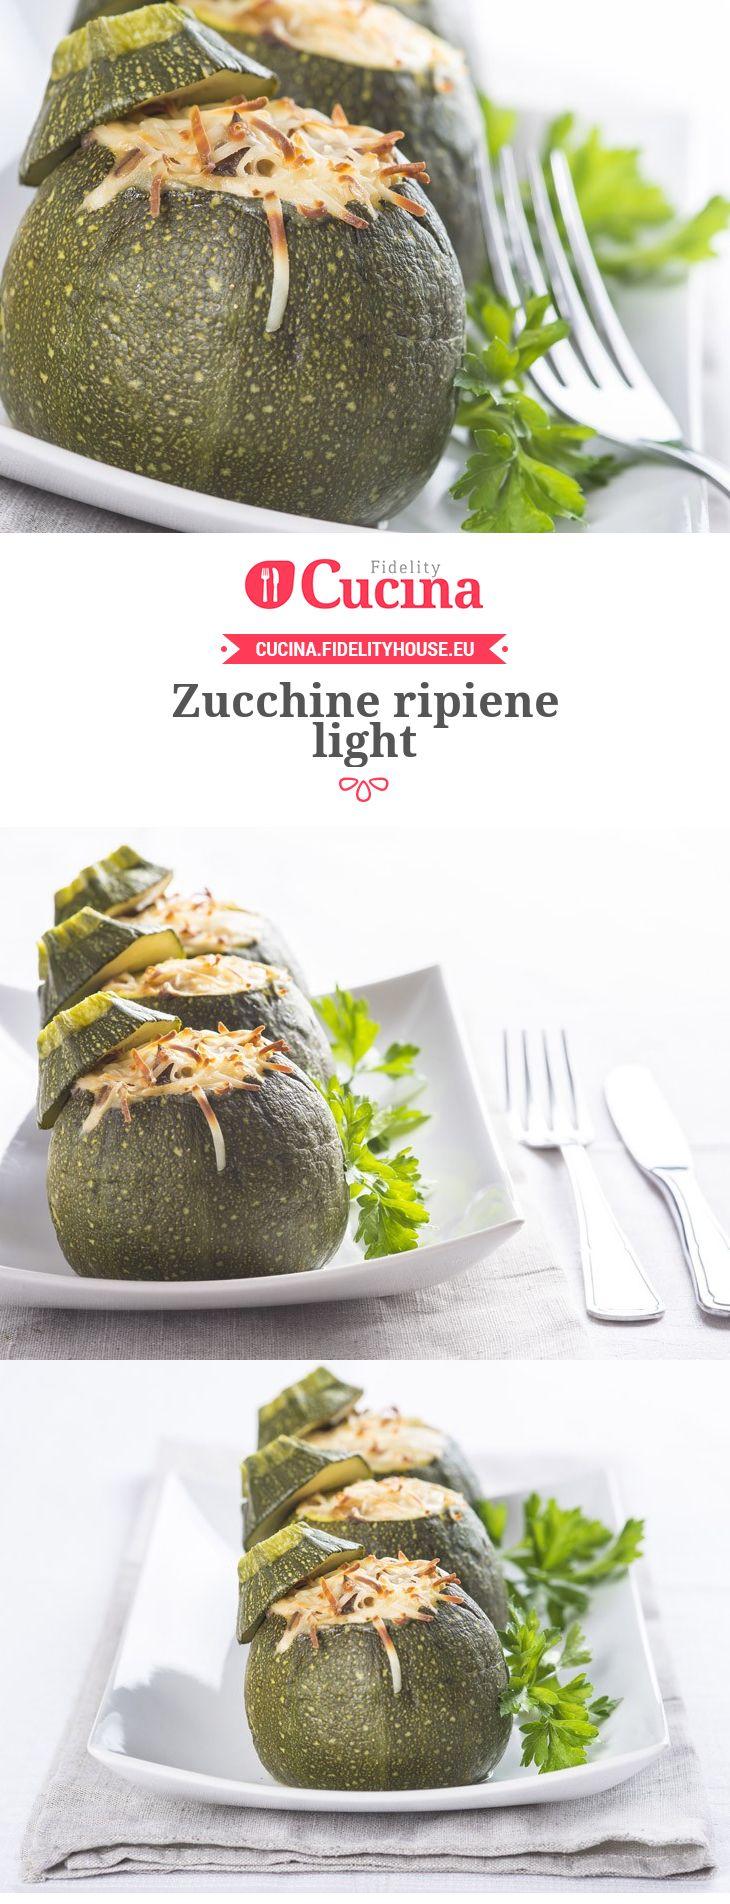 Zucchine ripiene light